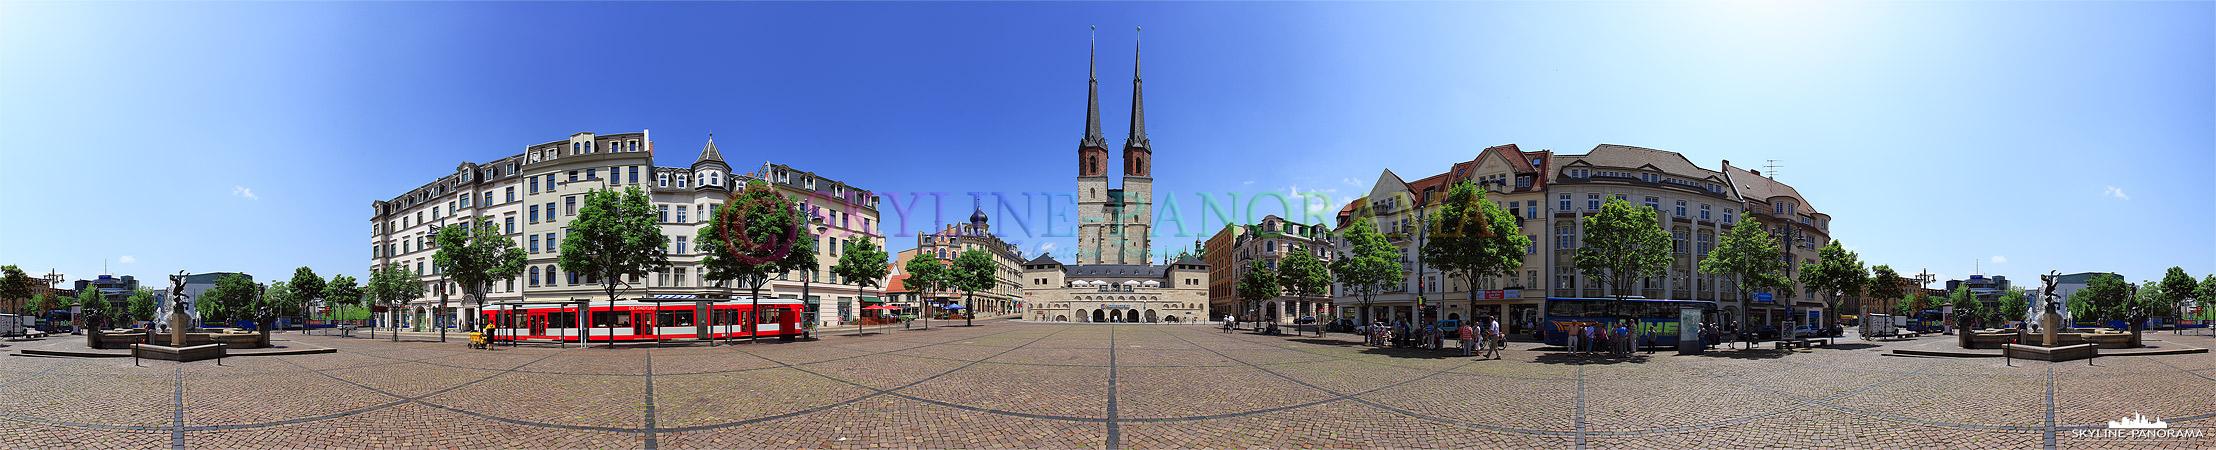 Panorama Halle Saale - Hallmarkt